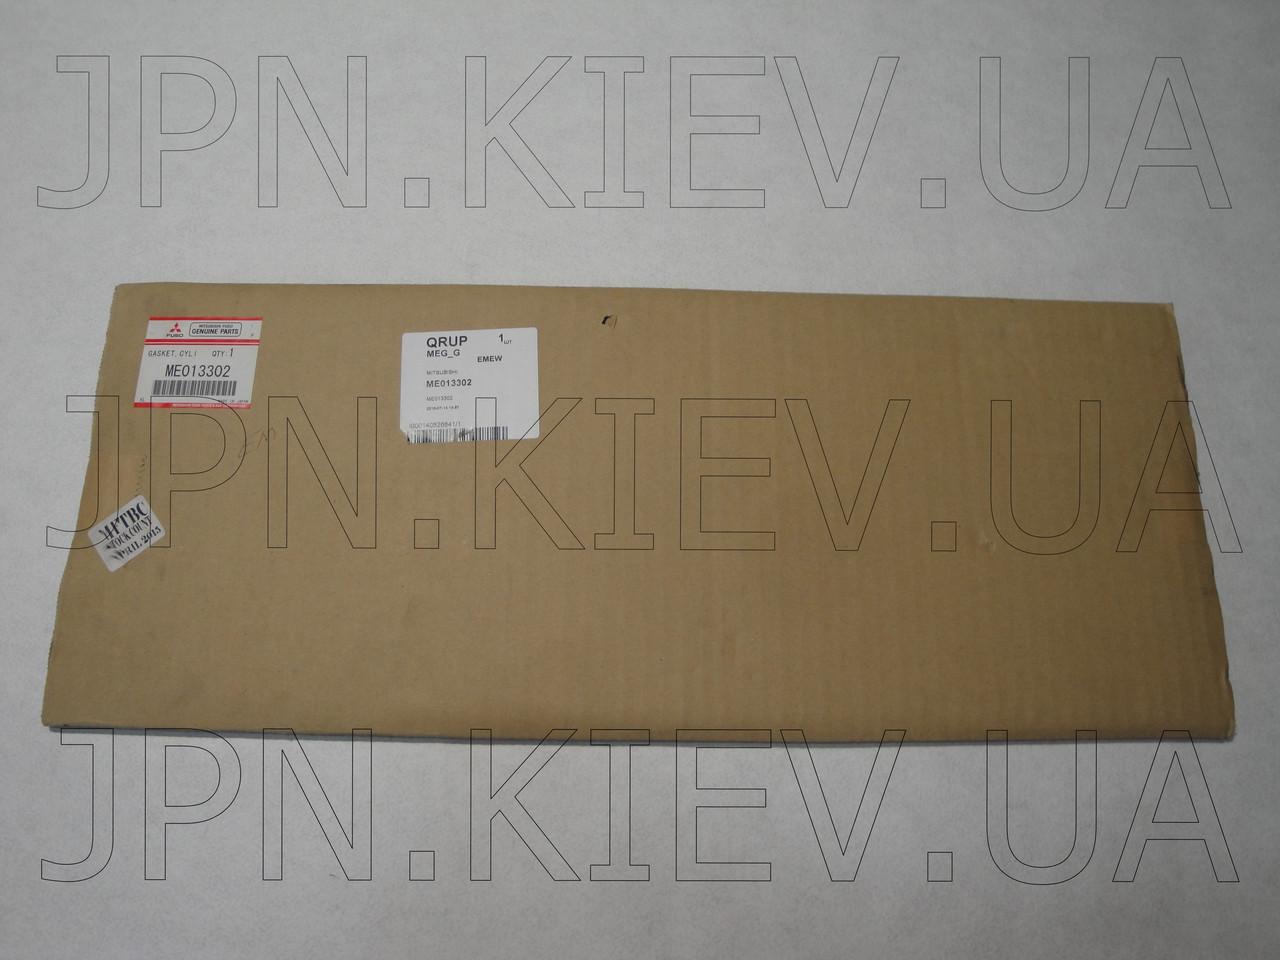 Прокладка ГБЦ MITSUBISHI CANTER FUSO 4D34T C SIZE (ME013302/EG925) MITSUBISHI